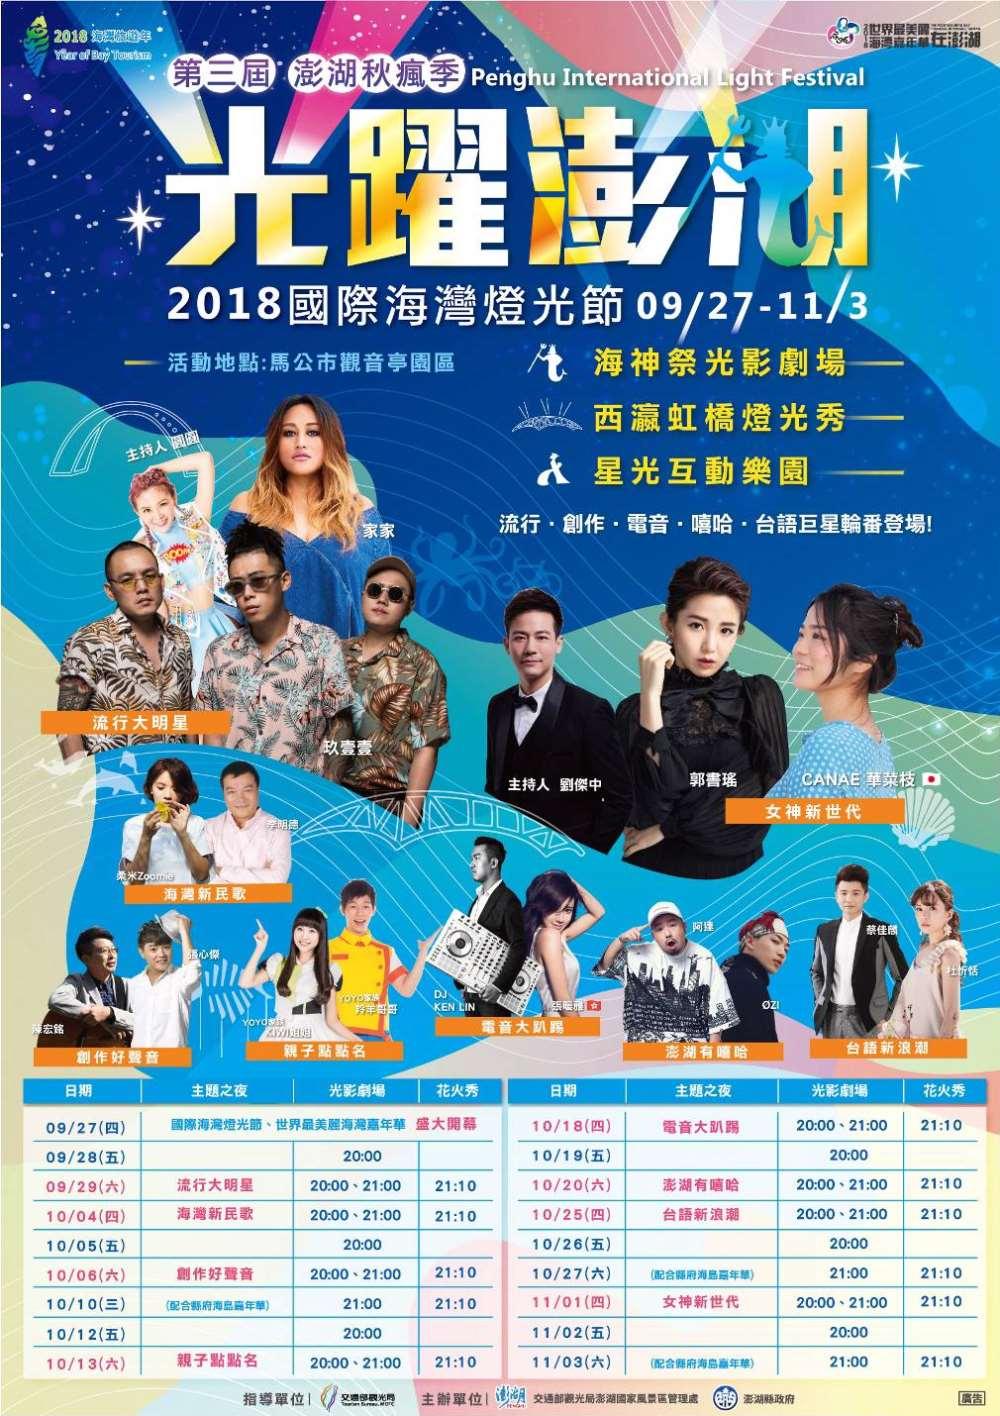 2018澎湖國際海灣燈光節-光耀澎湖9/27-11/3